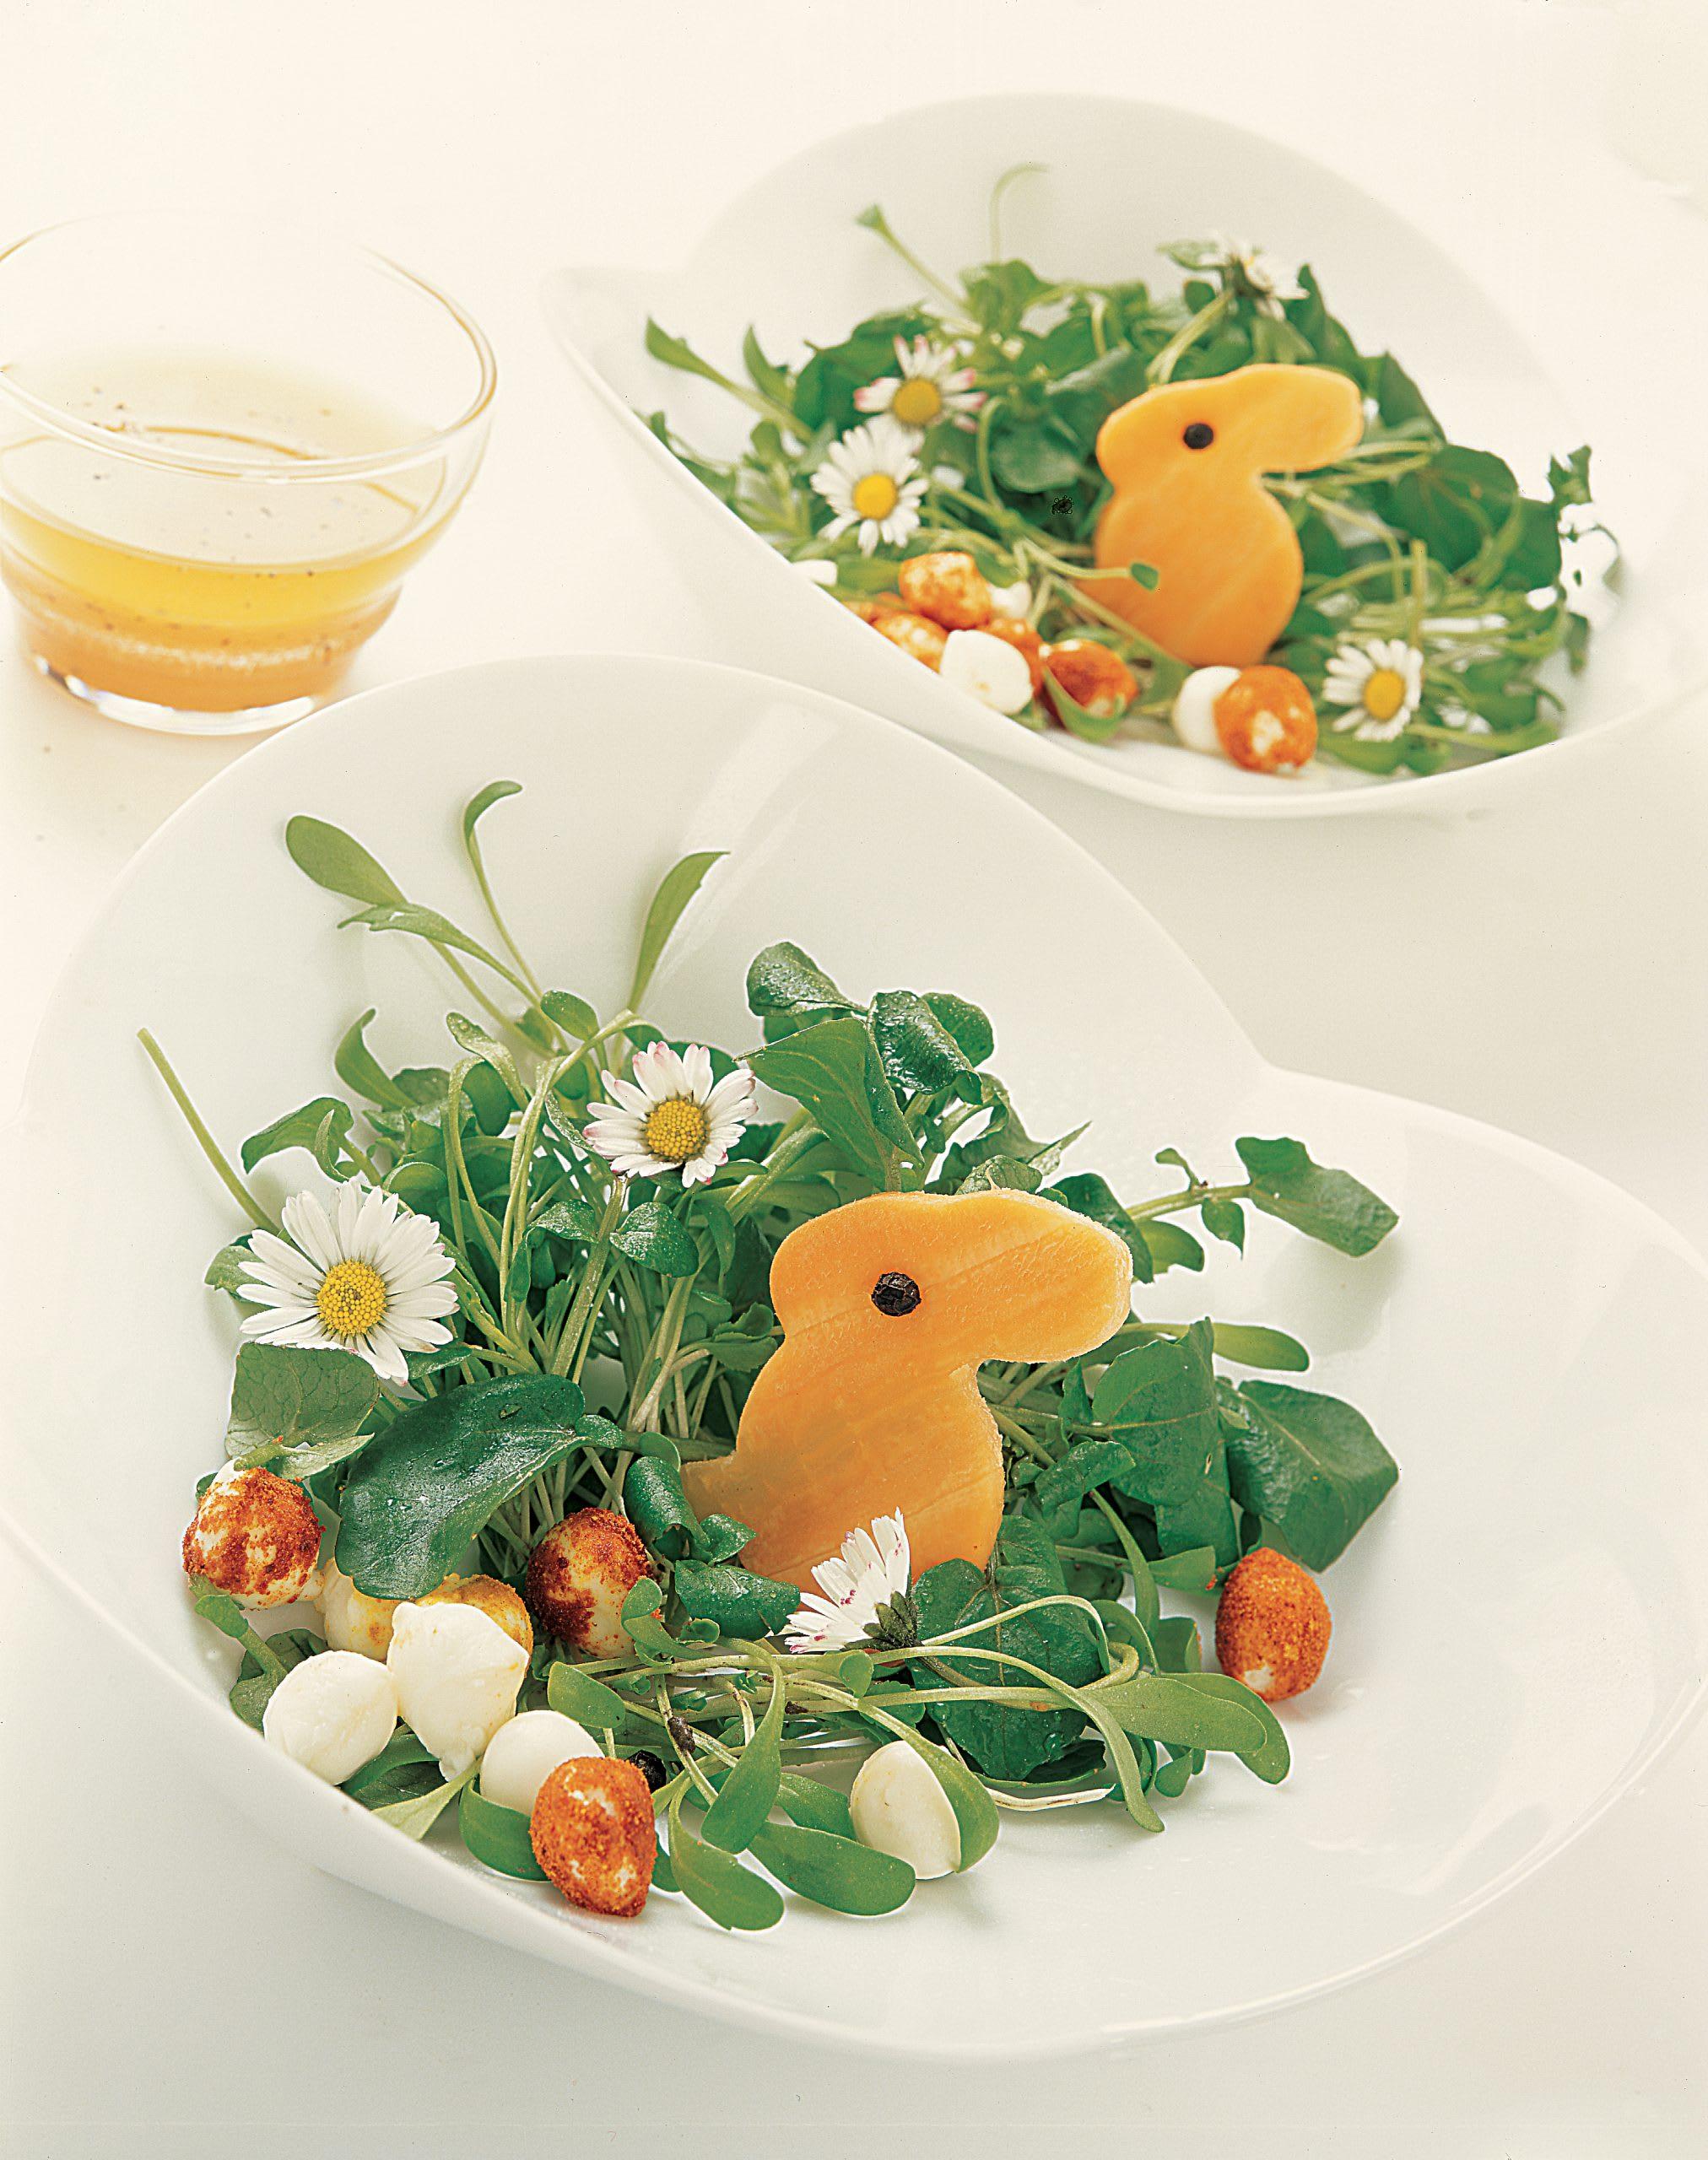 Salade de cresson et son lapin en carotte